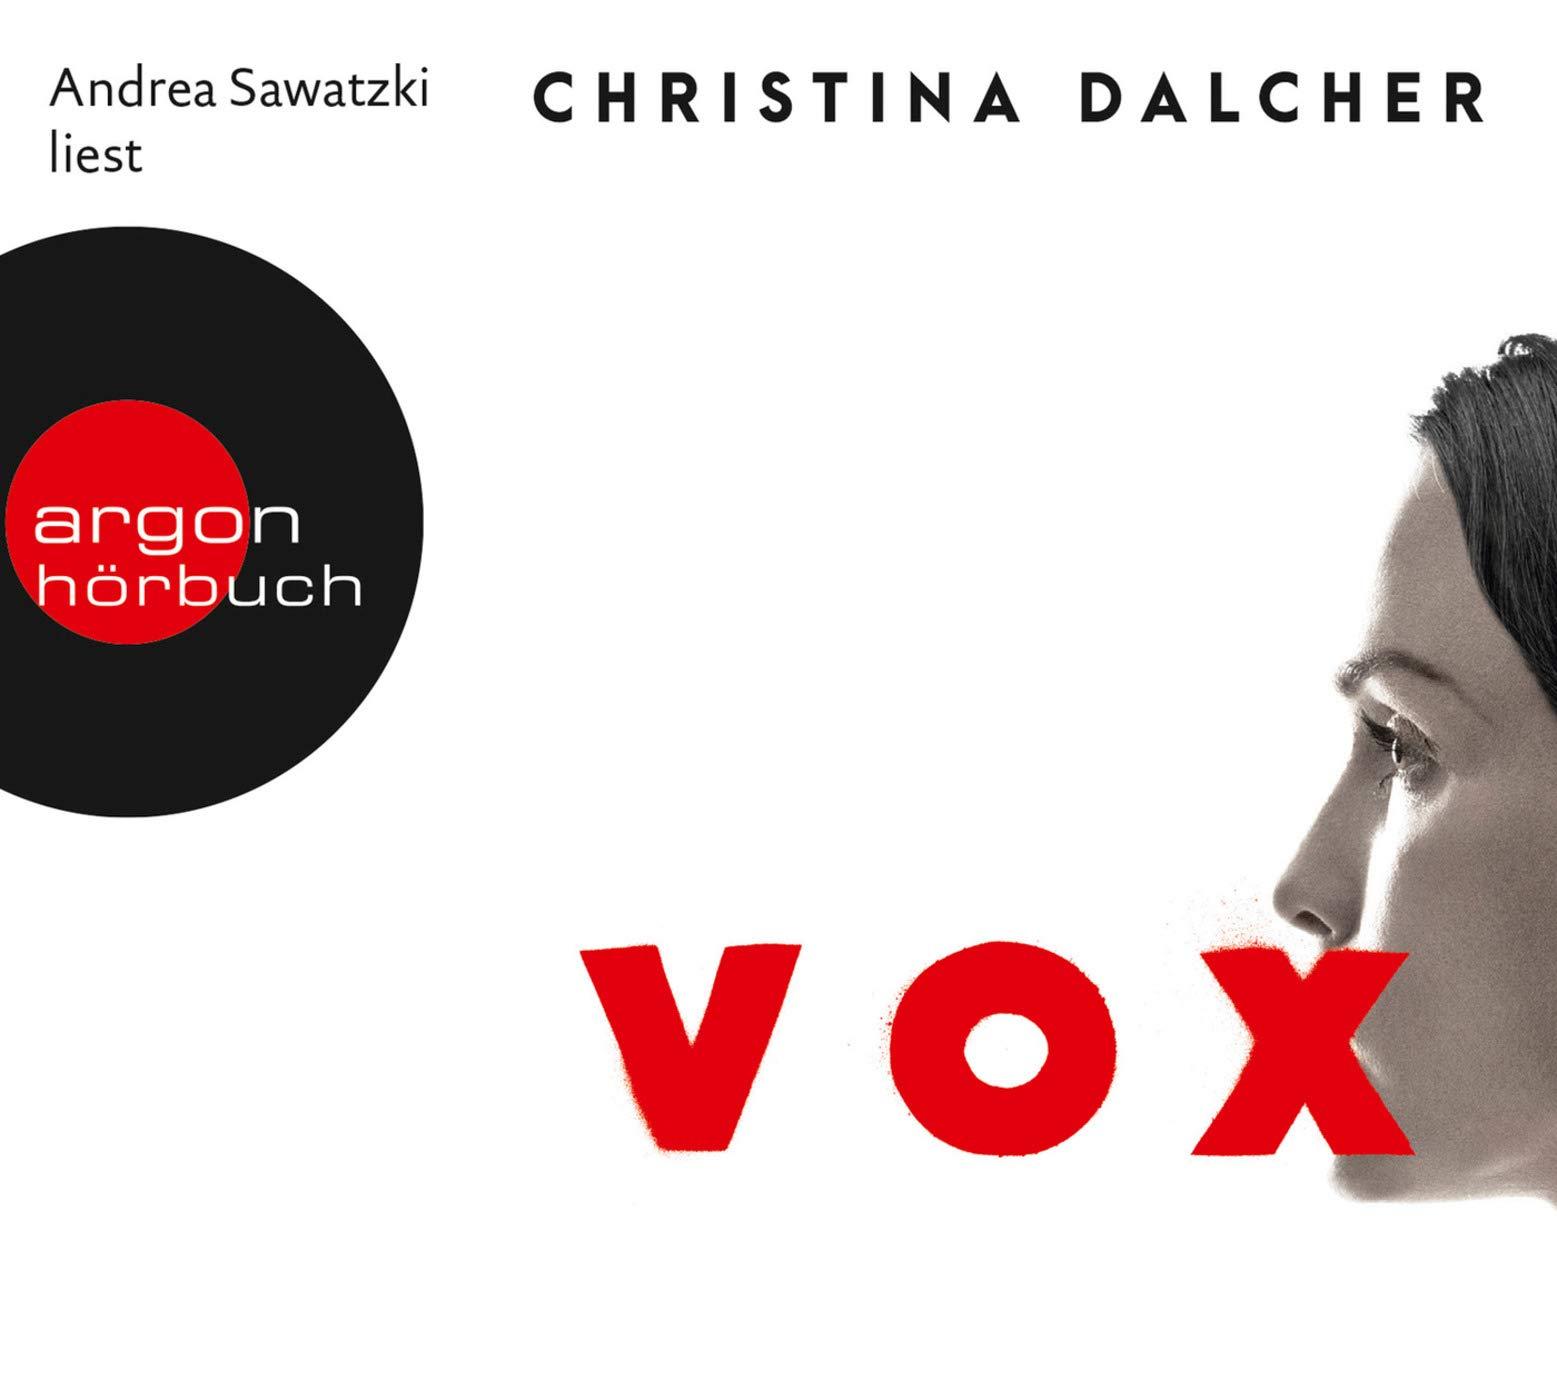 Vox Amazonde Christina Dalcher Andrea Sawatzki Marion Balkenhol